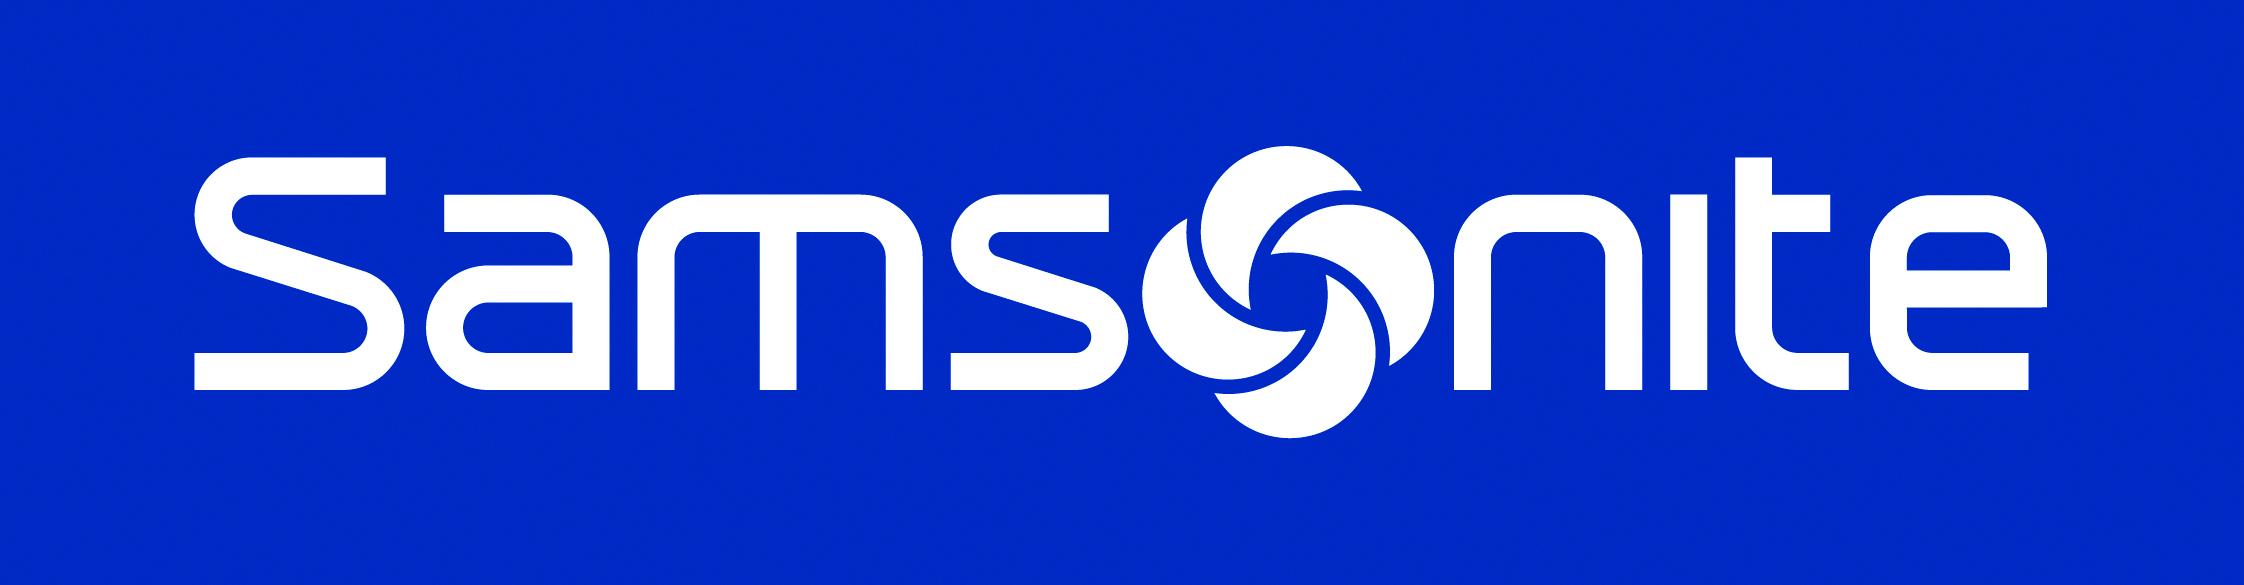 samsonite-logo